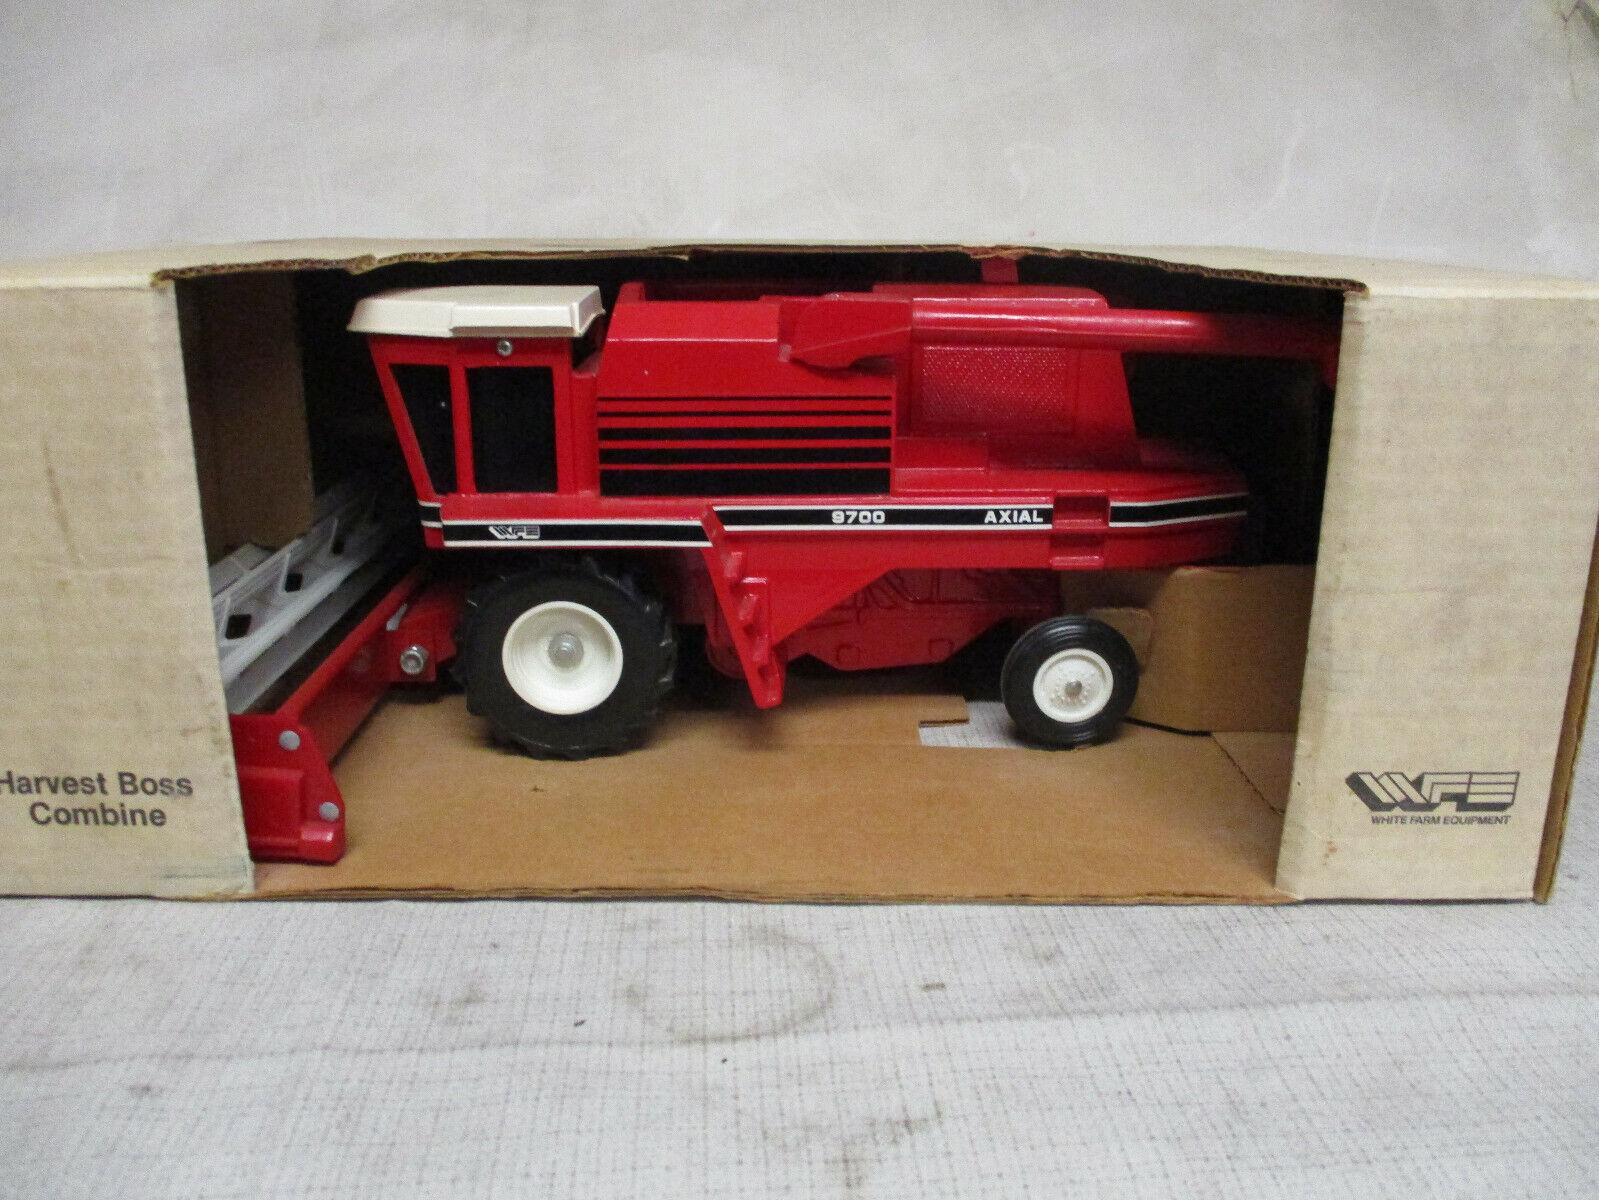 Weiß Farm Equipment Model 9700 Toy Combine with Grain Head, 1 24 Scale, NIB